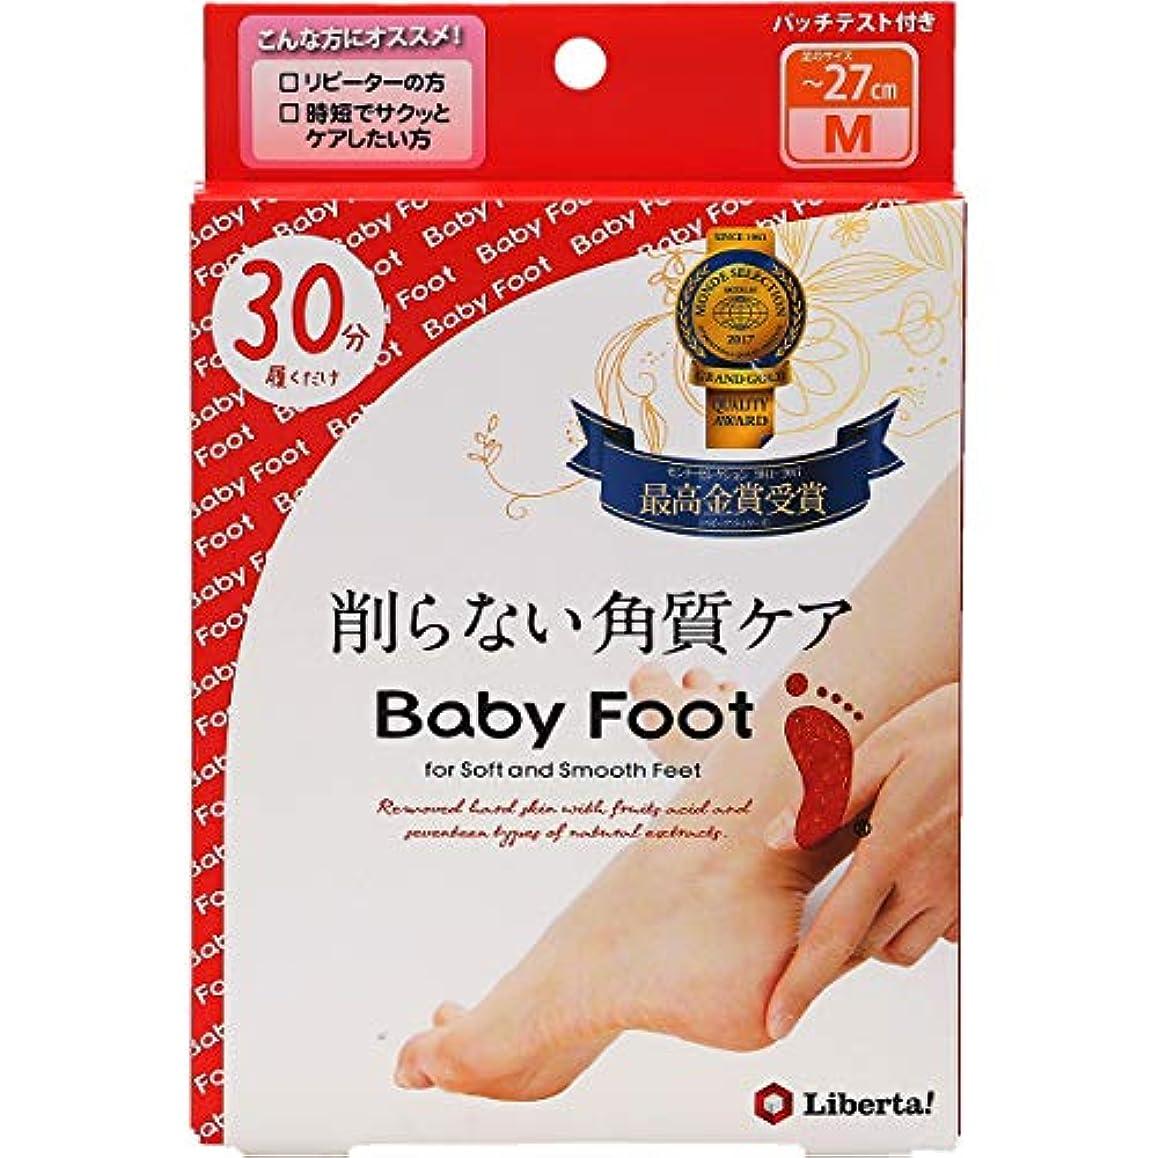 ミニ保護ポーターベビーフット (Baby Foot) ベビーフット イージーパック30分タイプ Mサイズ 単品